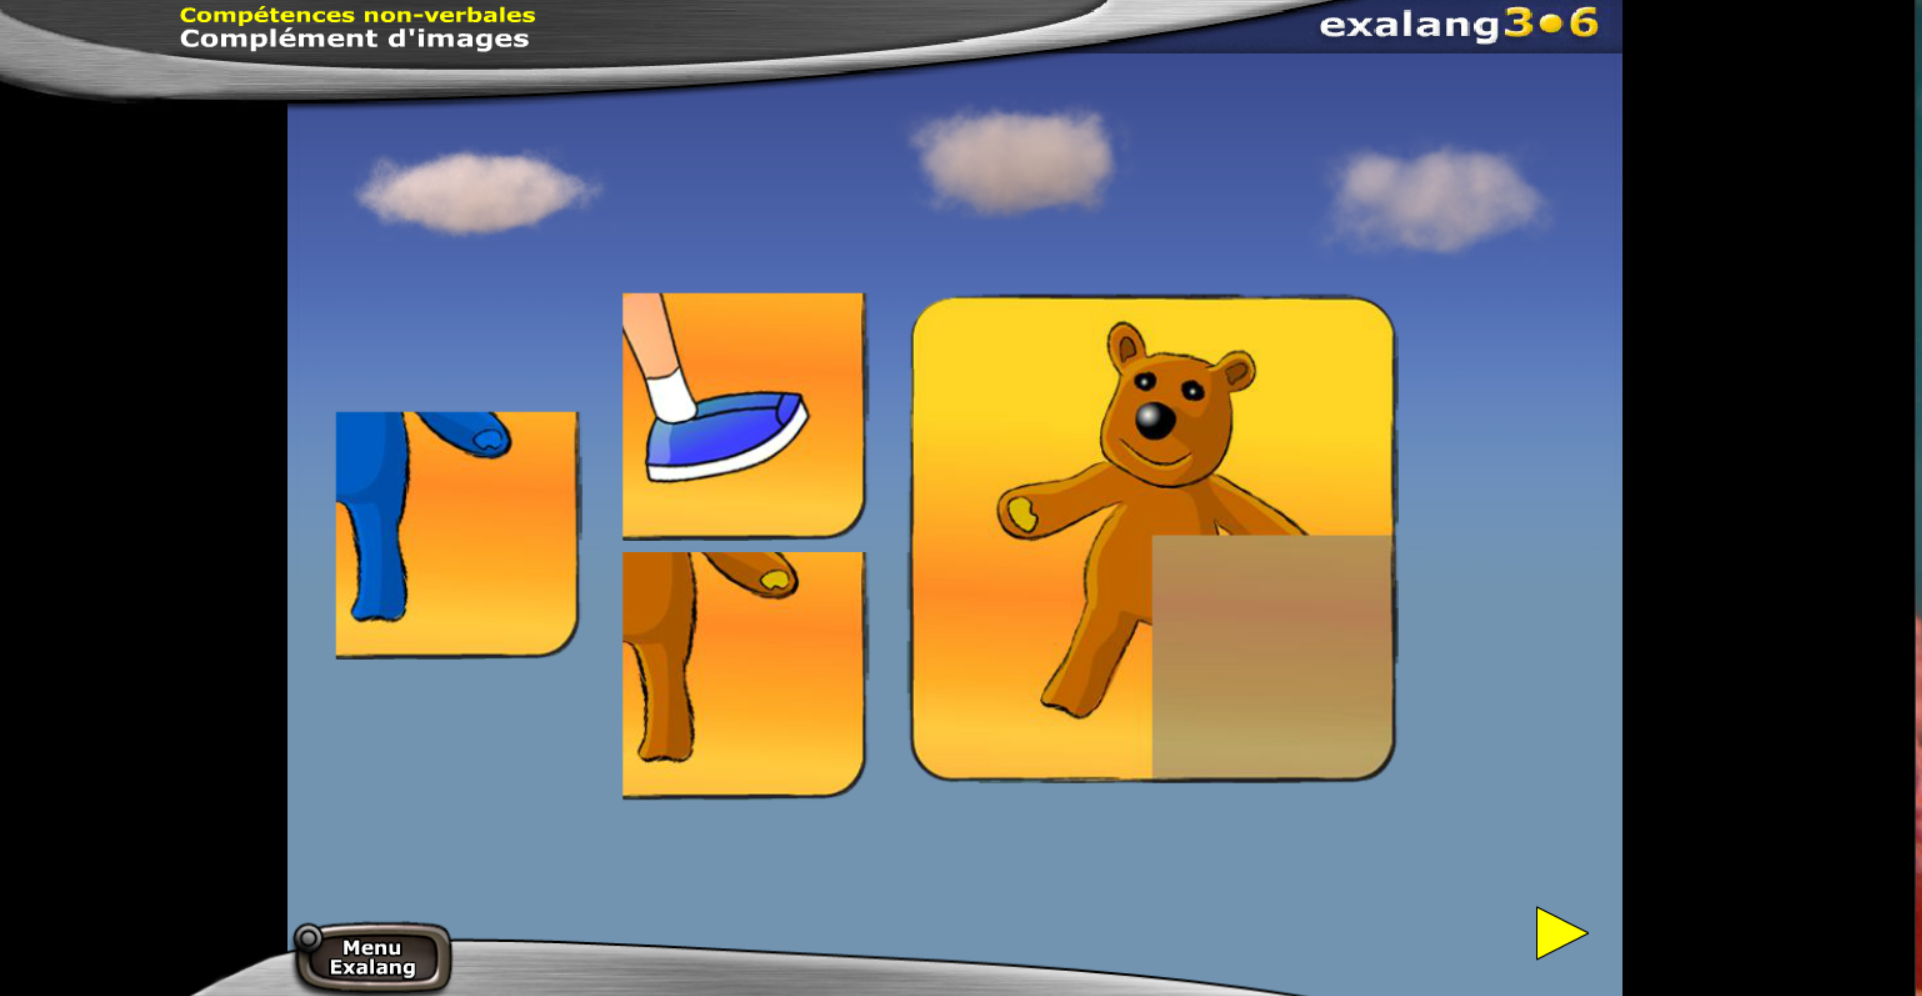 Exalang 3-6 logiciel de bilan de langage oral et écrit et test de langage des patients de 3 à 6 ans